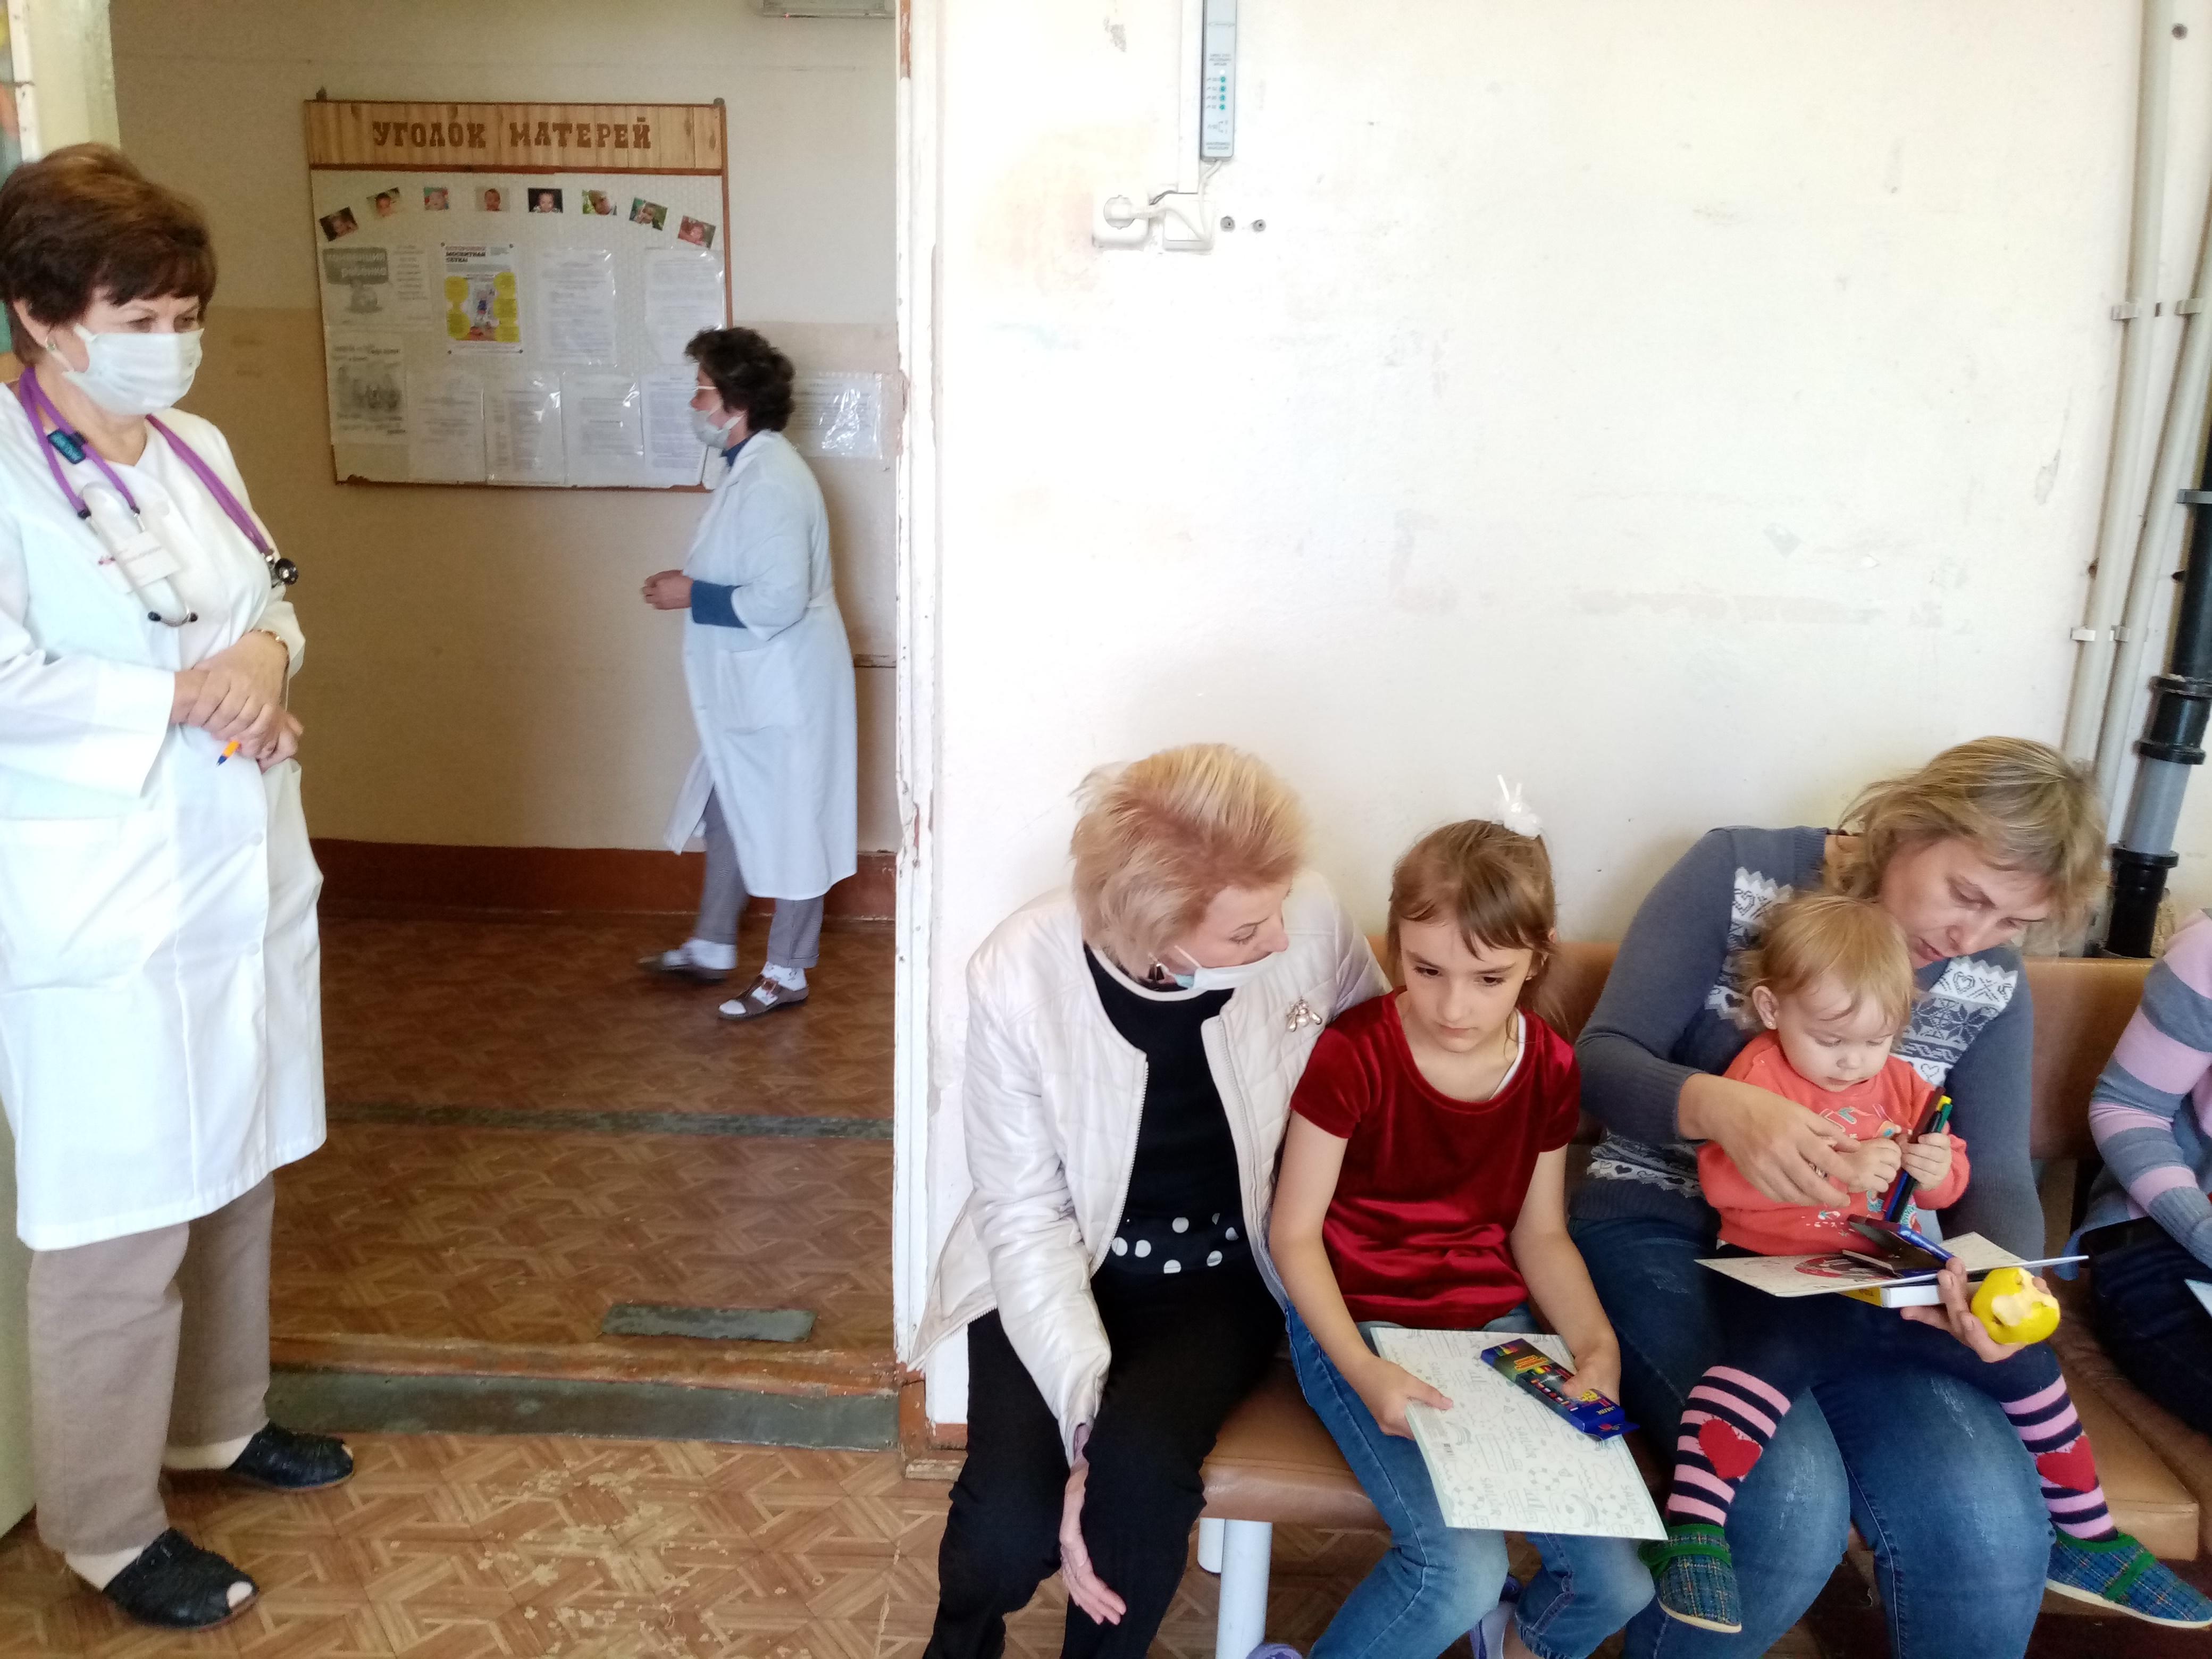 председатель комитета Ярославской областной Думы по социальной, демографической политике, труду и занятости Лариса Ушакова посетила детскую городскую больницу Рыбинска  и вручила детям подарки